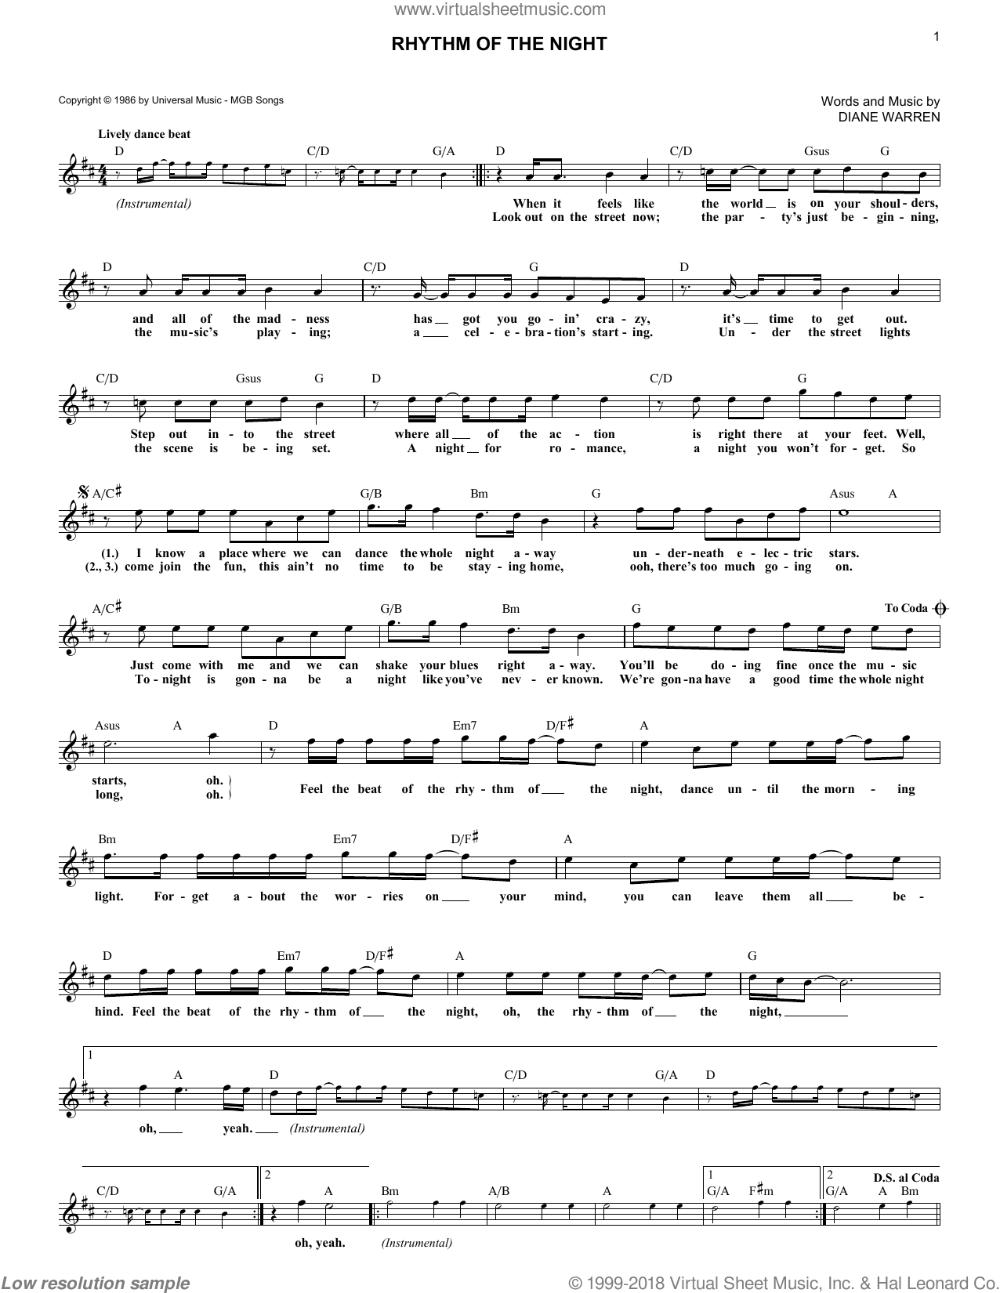 DeBarge - Rhythm Of The Night sheet music (fake book) [PDF] in 2020   Sheet  music, Digital sheet music, Virtual sheet music